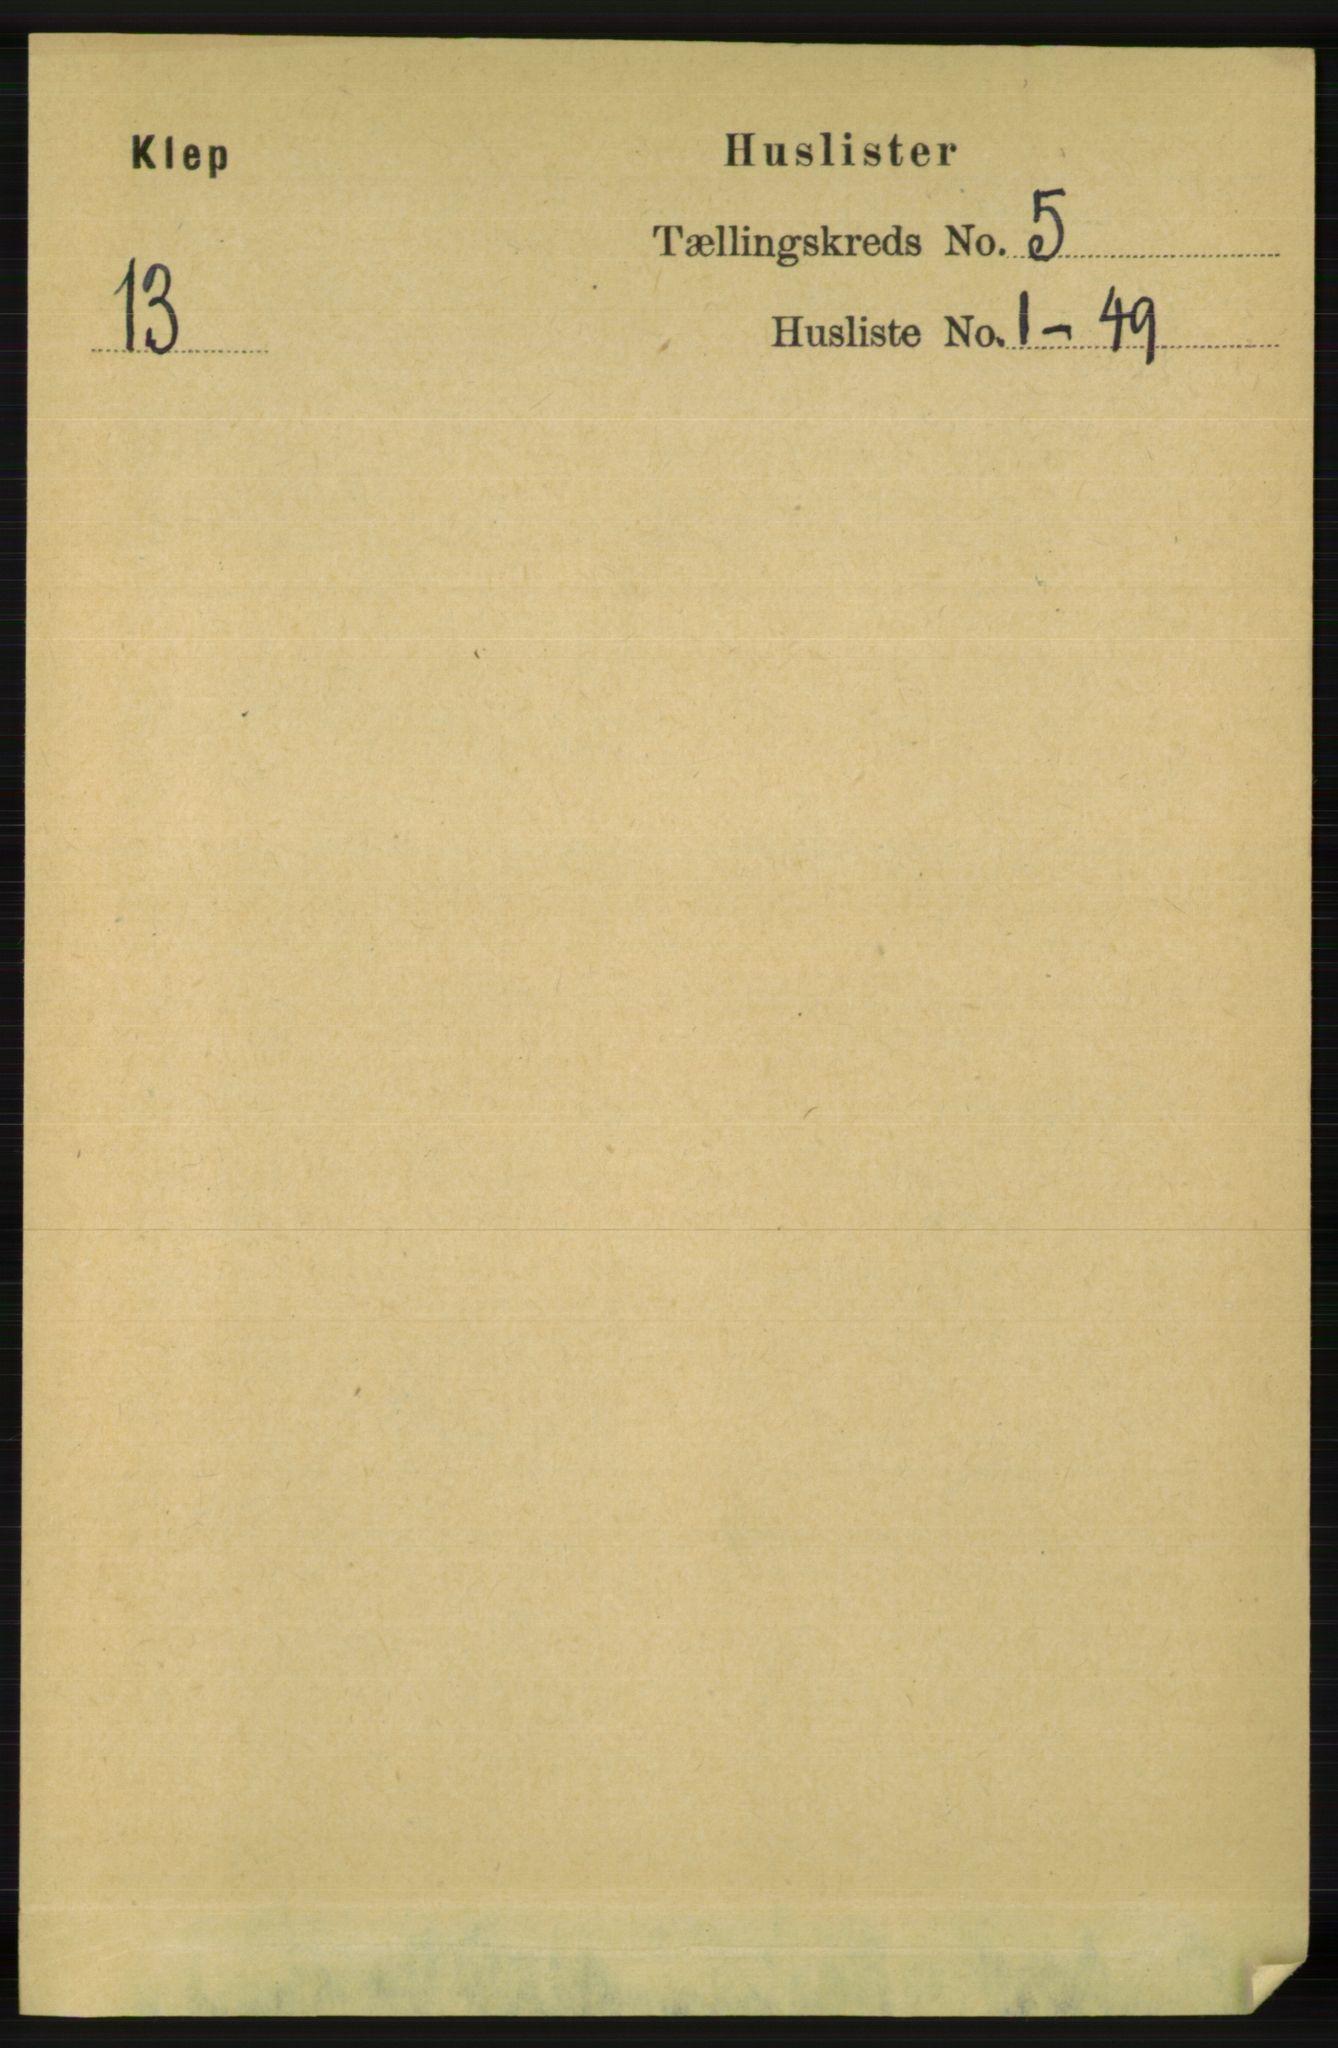 RA, Folketelling 1891 for 1120 Klepp herred, 1891, s. 1288